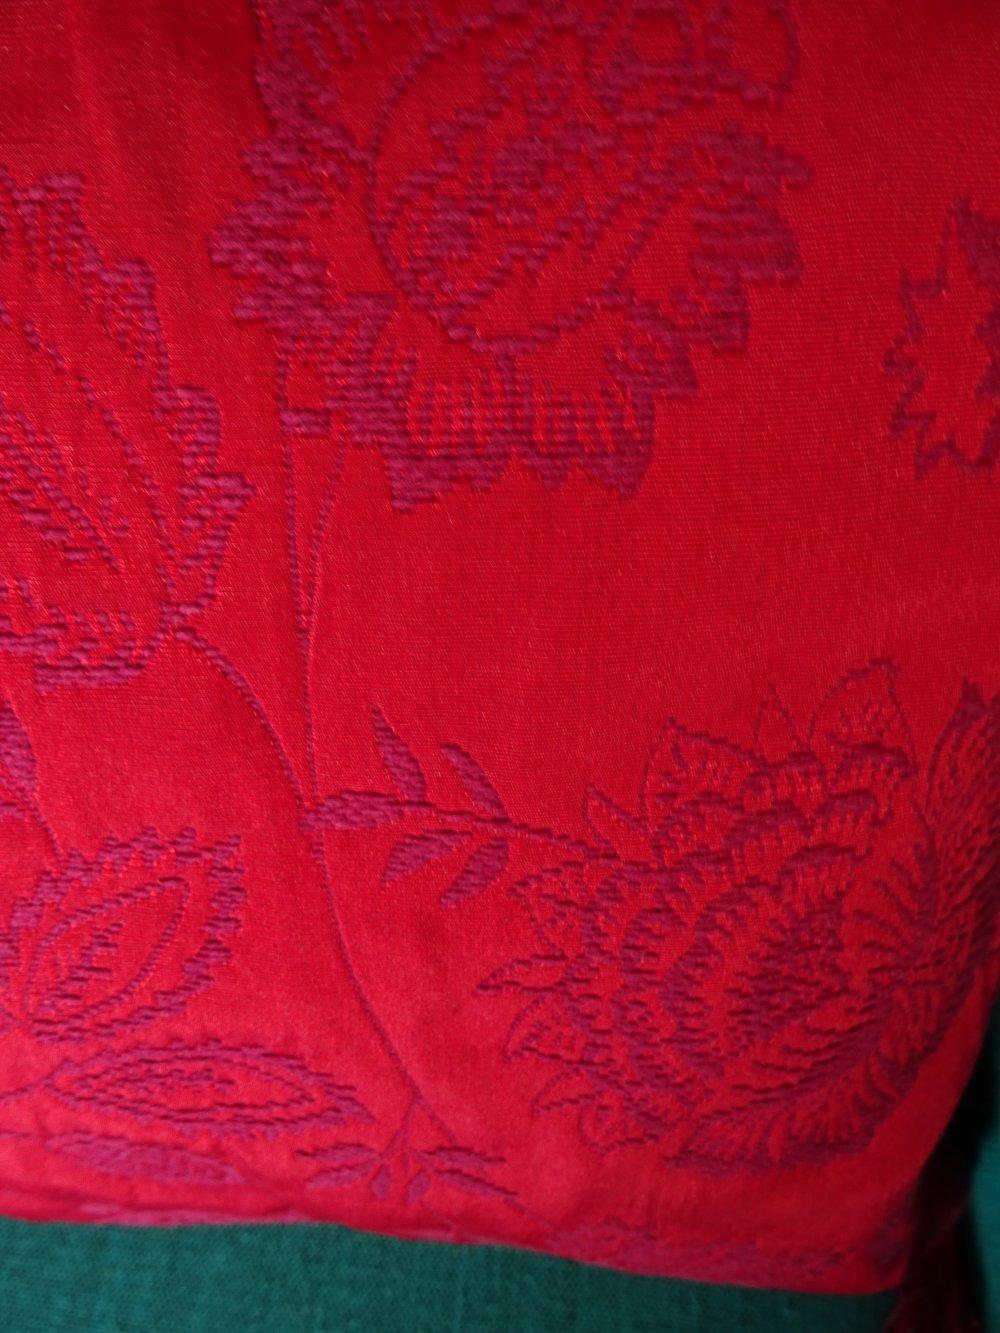 Housse de coussin rectangulaire en boutis rouge , glands , zip , contemporain , classique ;